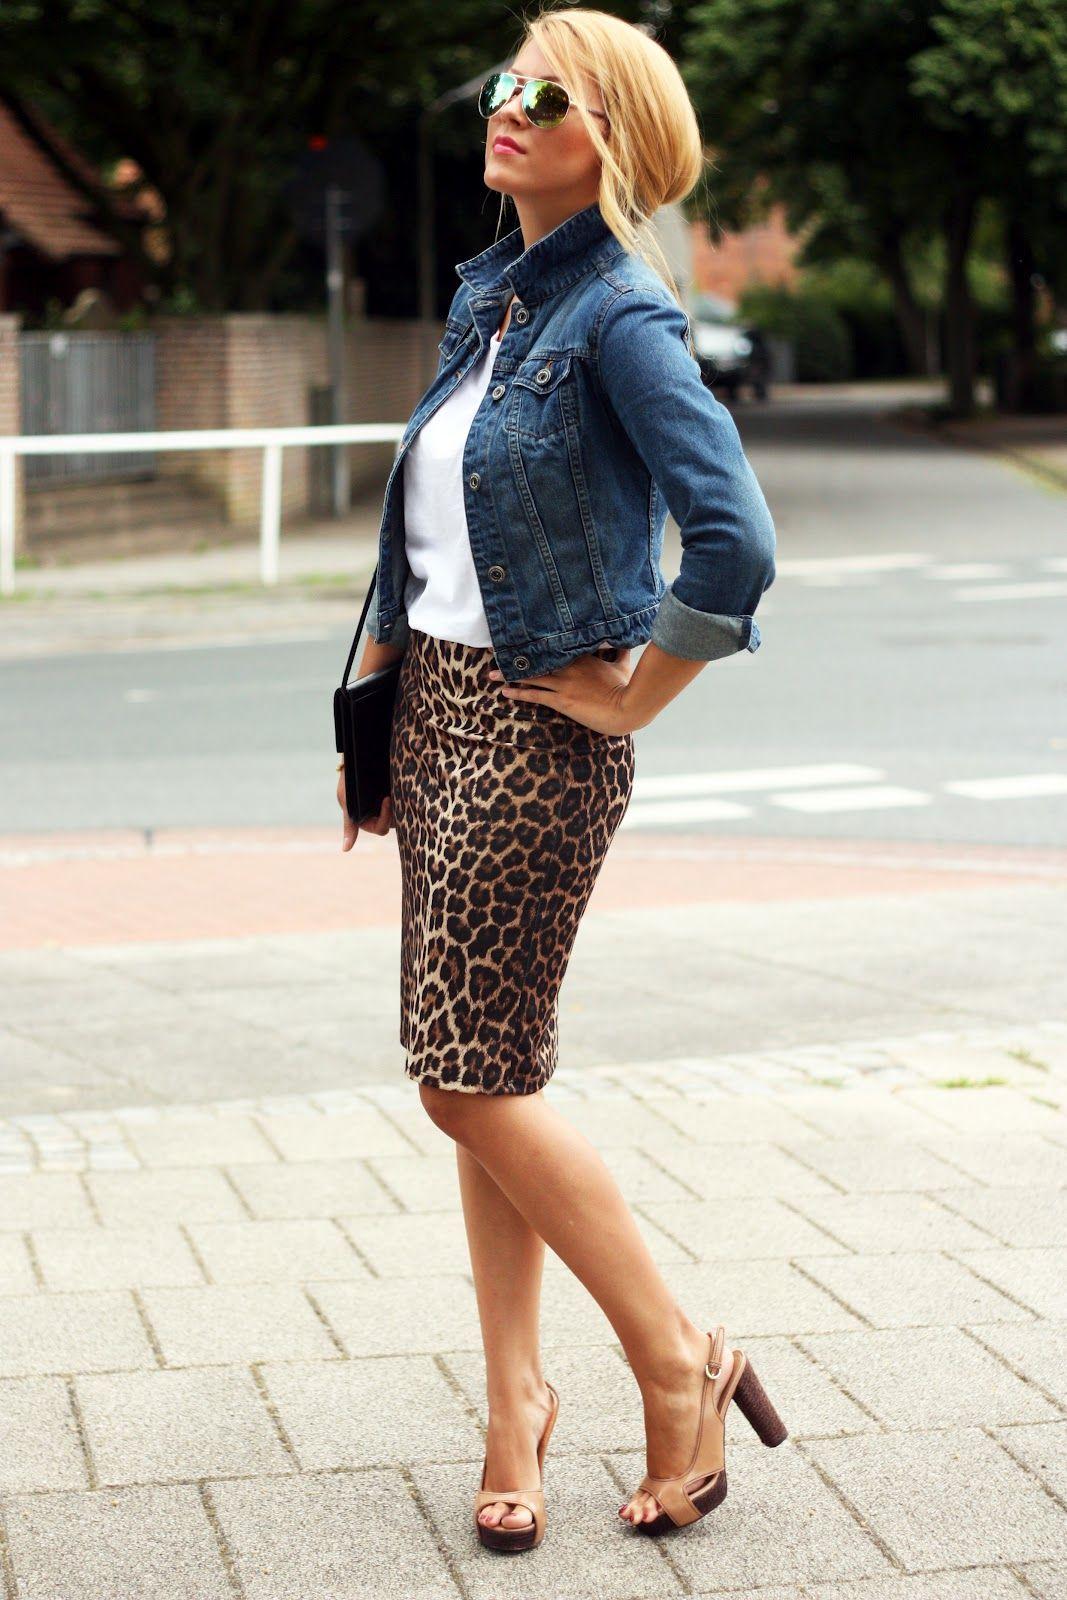 Denim Or Leopard Print Skirt For Summer